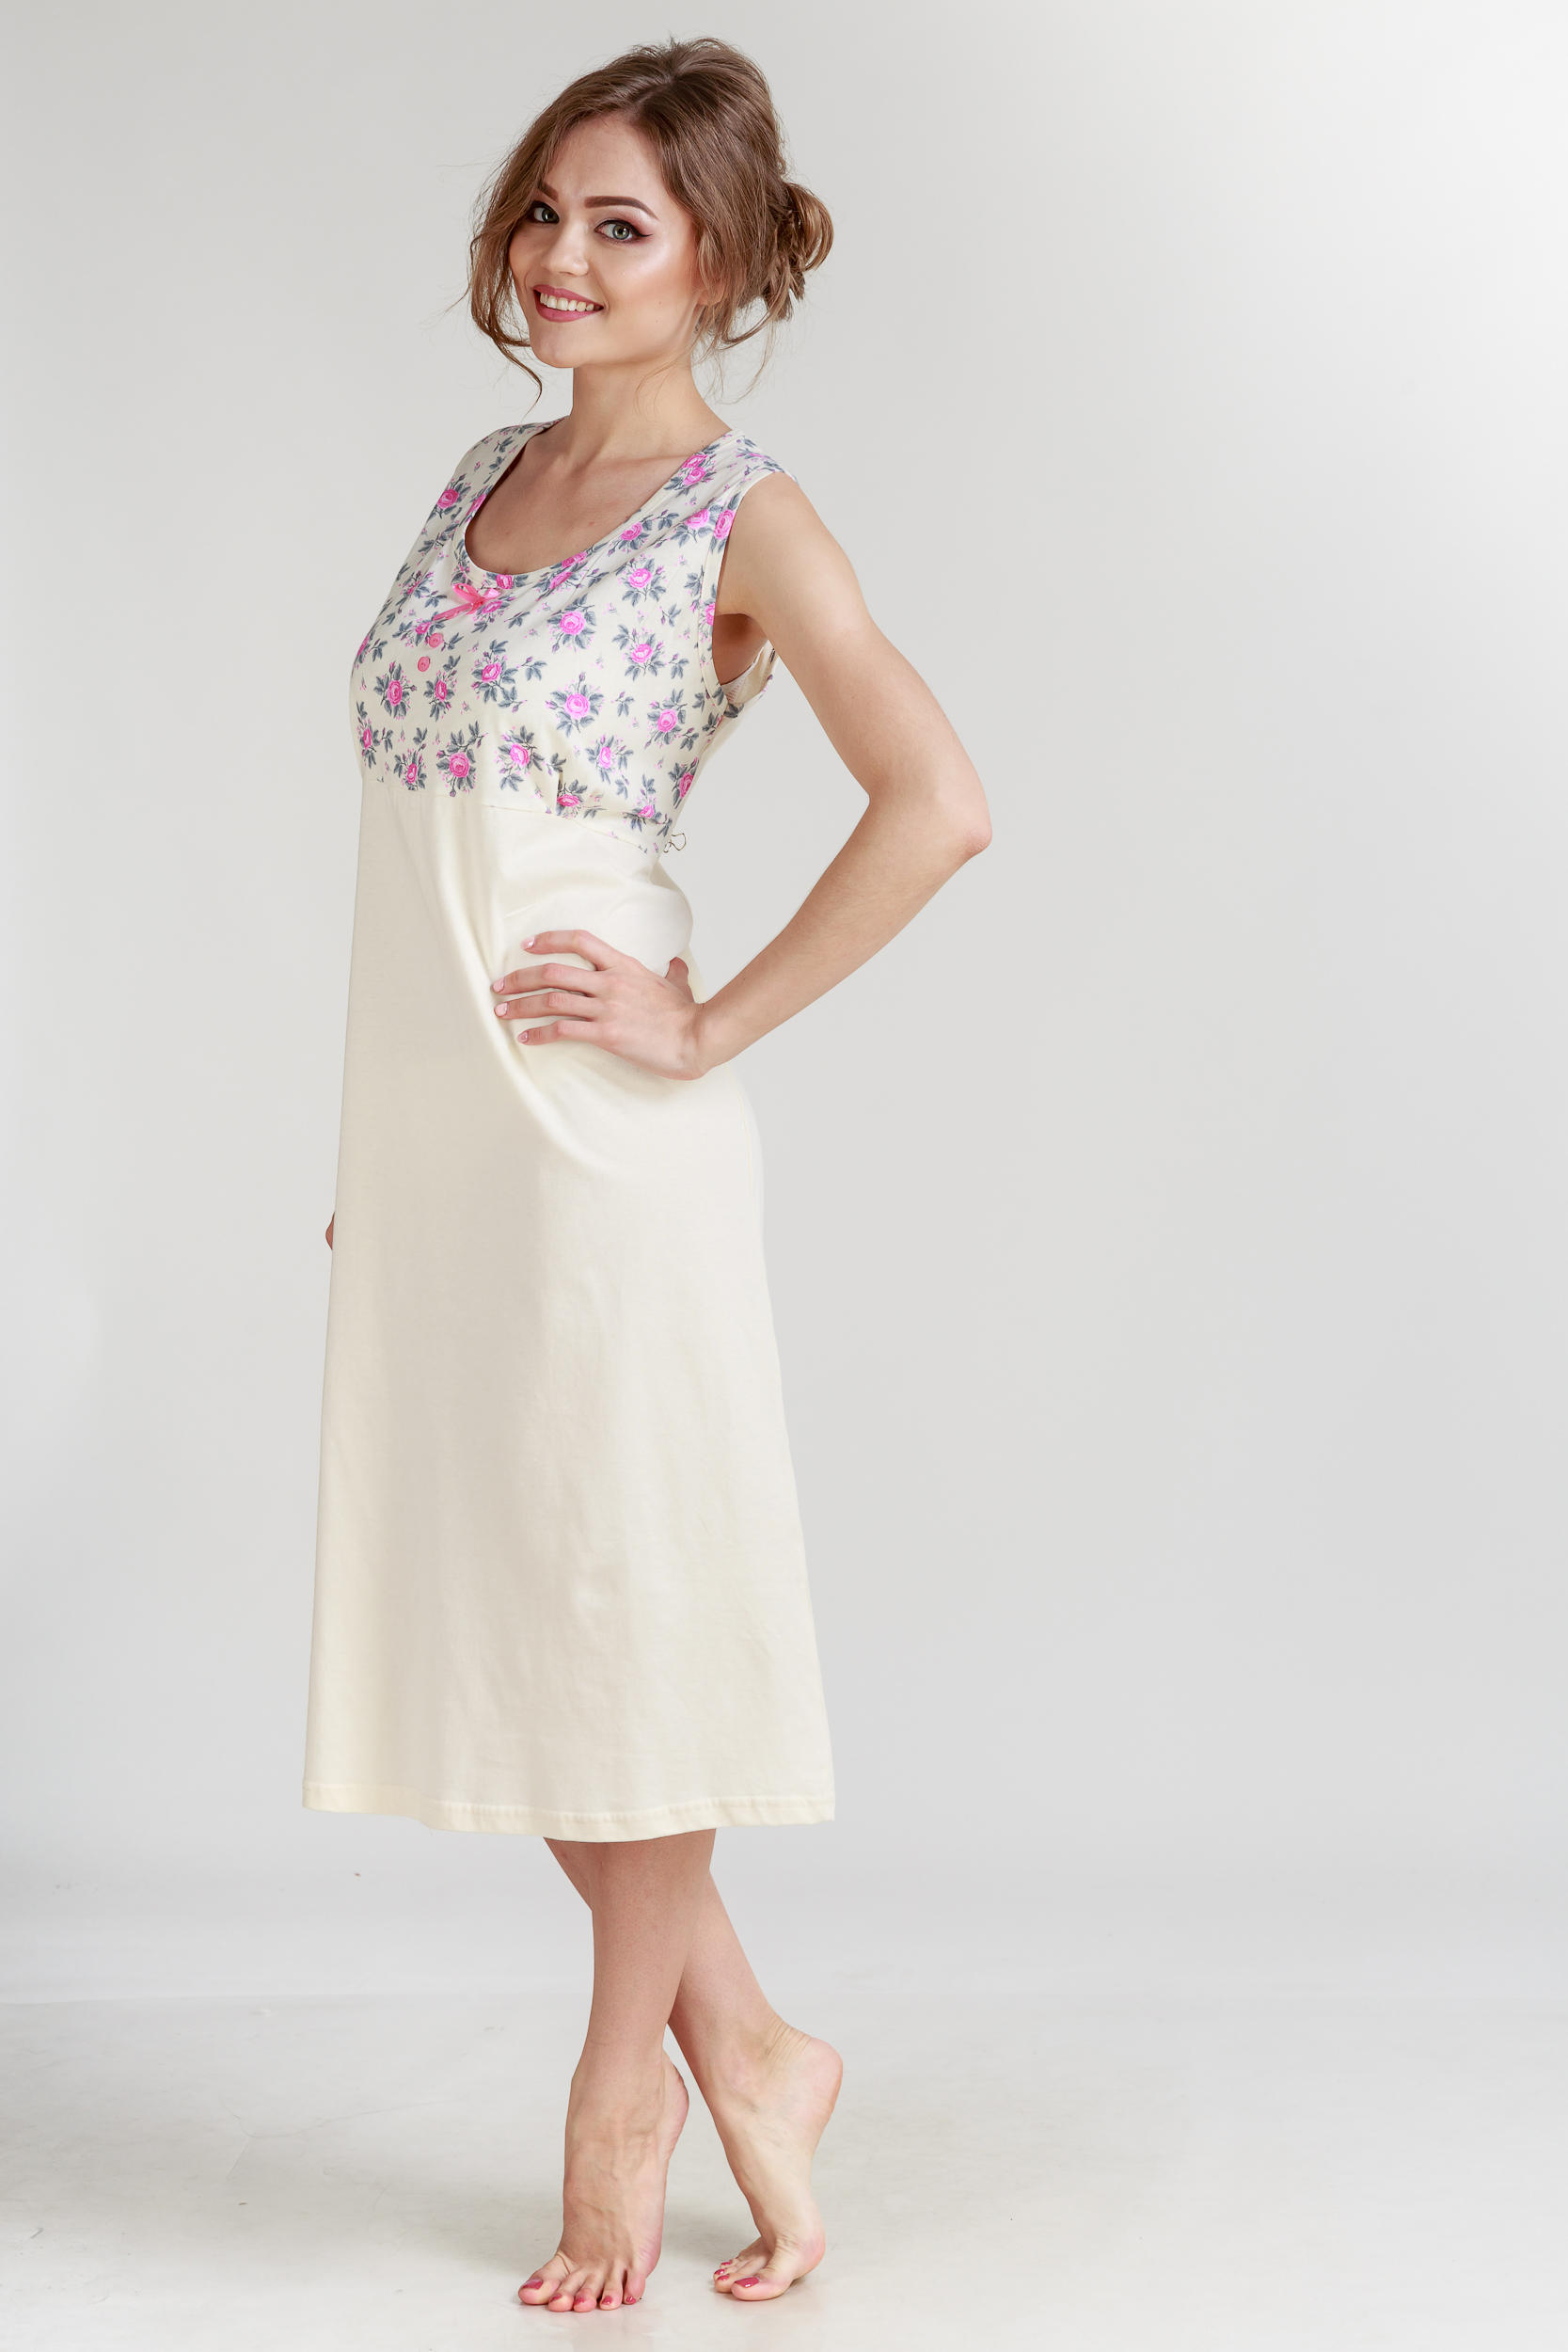 Ночные сорочки Pastilla Ночная сорочка Ваниль Цвет: Розовый (xxxL) ночные сорочки мамин дом ночная сорочка harmony